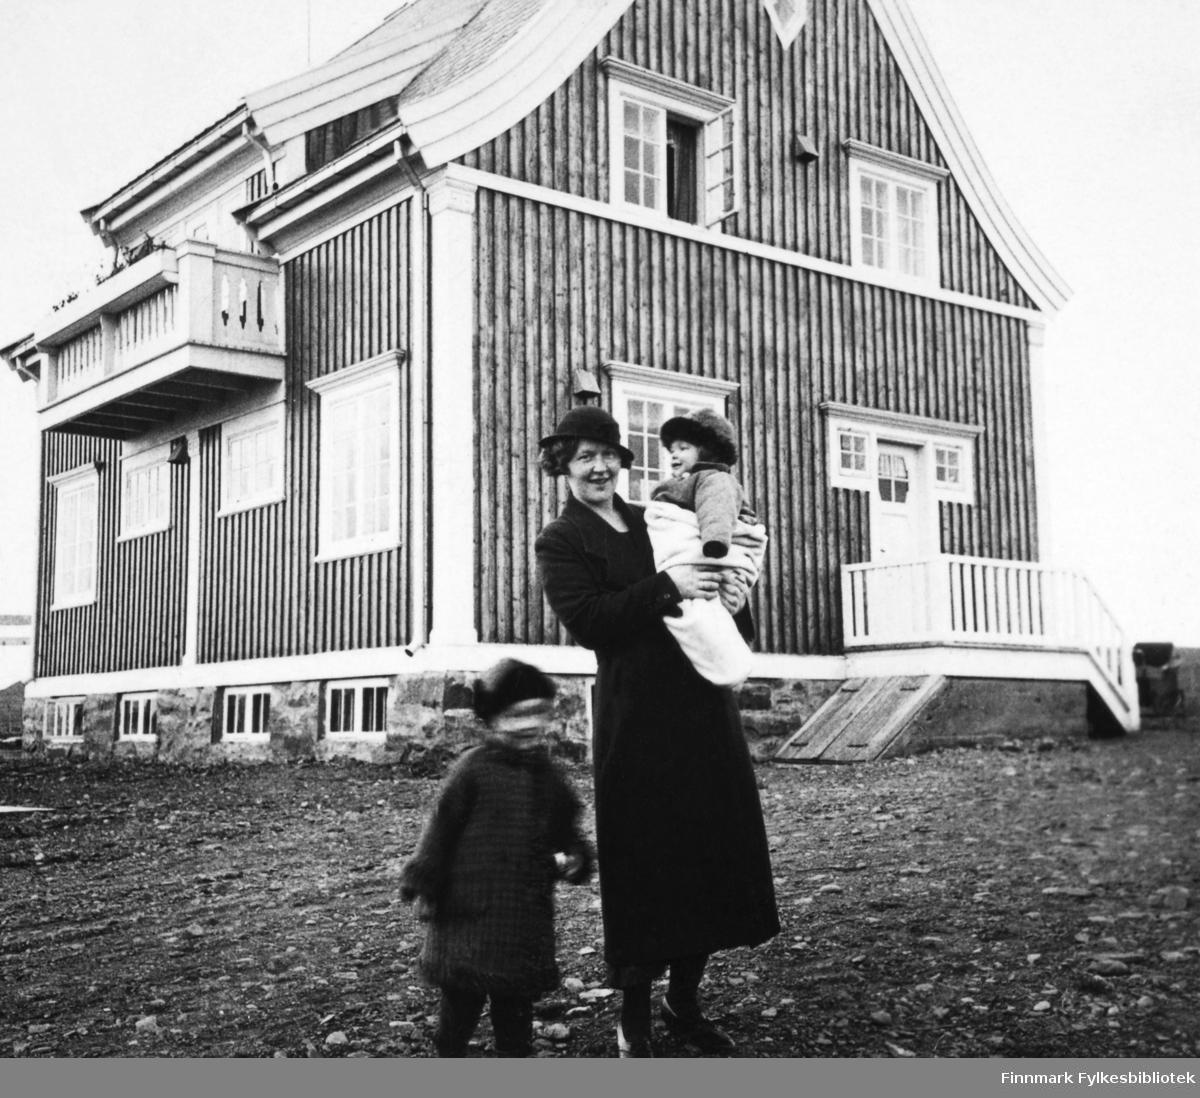 """Dette bildet viser Harald Hofseths familie fotografert utenfor familiens hus. På bildet ser man fru Hofseth med sine to barn. Bildet er tatt på høsten og er et stereoskopi-bilde. Stereoskop er et apparat for å gi tredimensjonalitet og dybdesyn når man betrakter fotografiet gjennom apparatet - og fotografiet kalles stereofotografier eller stereokort. Teknikken stereoskopi omfatter flere forskjellige teknikker, også tredimensjonal film. Begrepet er dannet av de greske ordene stereos (""""romlig"""") og skopein (""""se seg omkring""""). Adjektivet stereoskopisk betyr """"med romvirkning"""" eller """"tredimensjonal"""" og brukes særlig om opplevelsen av dybdesyn med to øyne som ser i samme retning. (wiki)"""